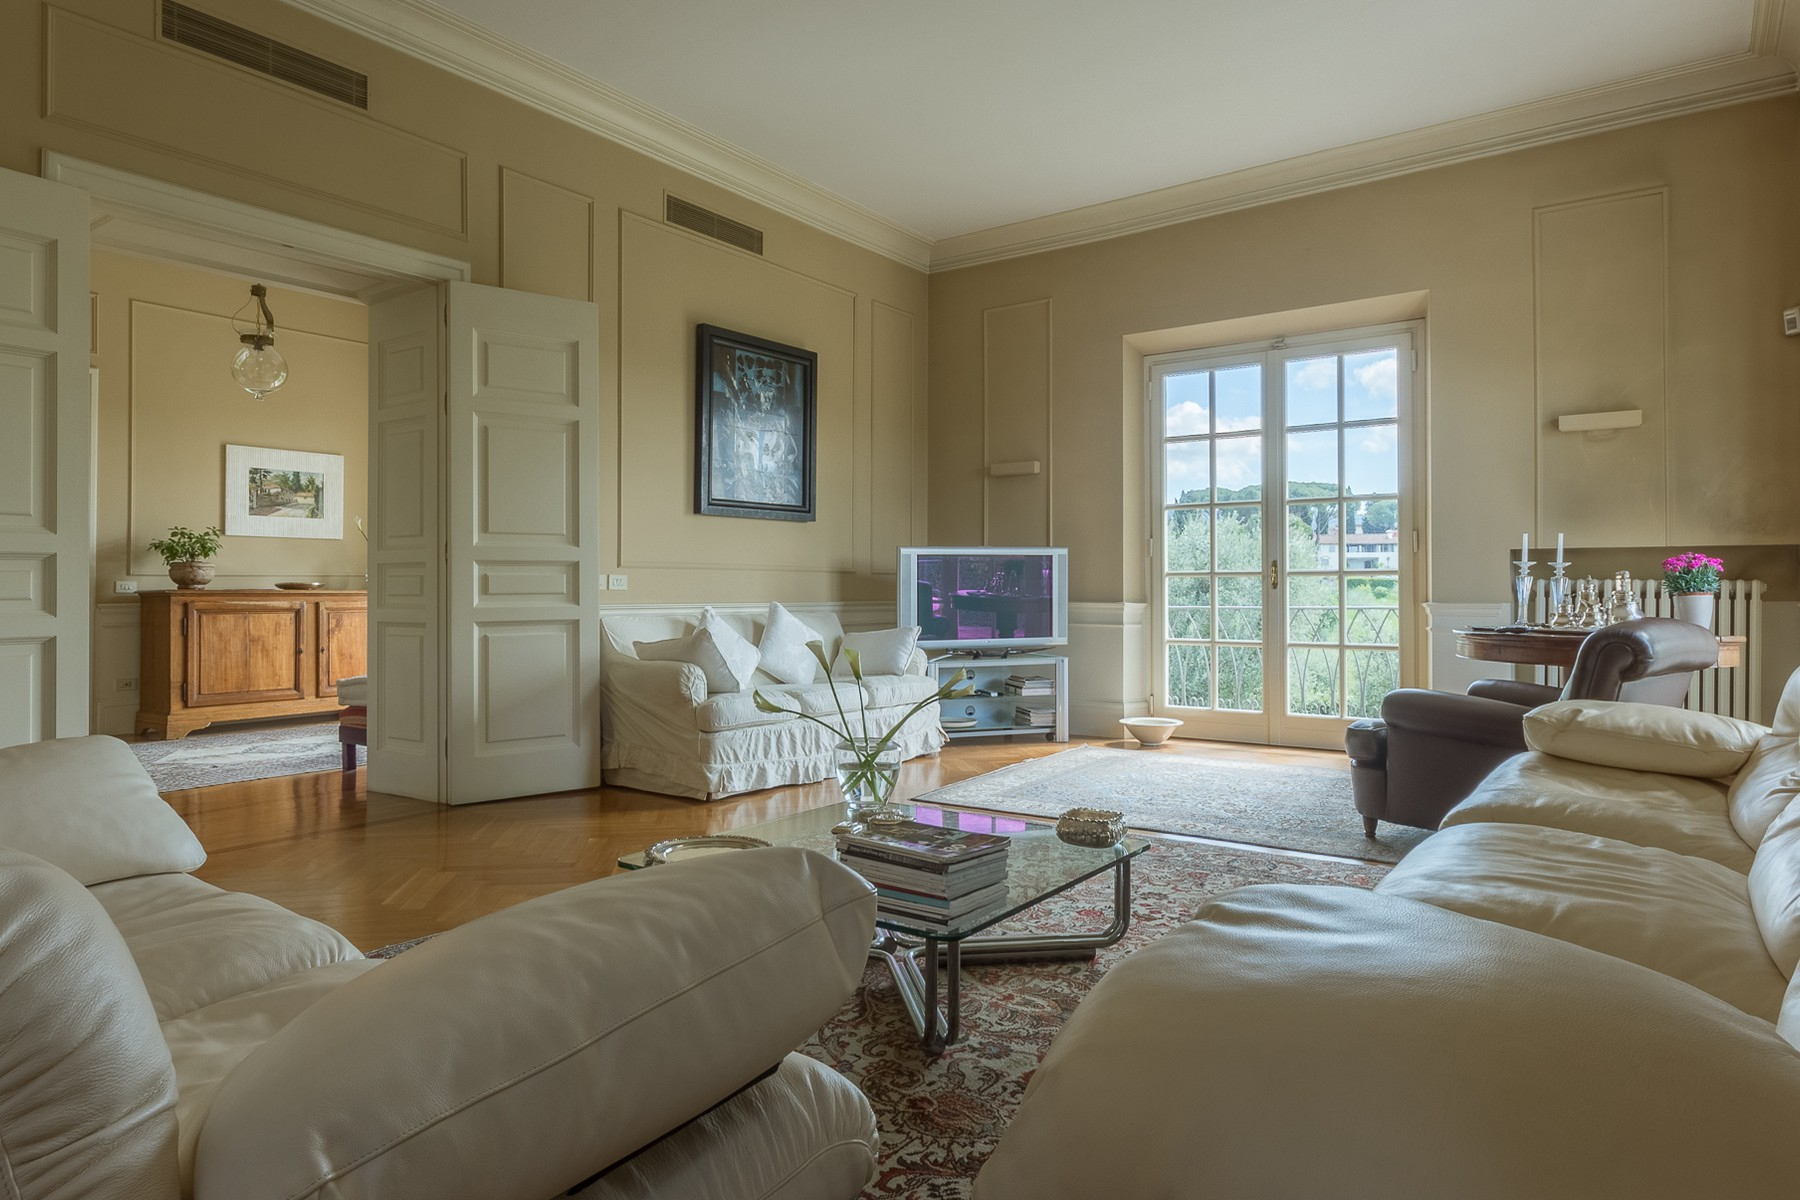 Villa in Vendita a Firenze: 5 locali, 618 mq - Foto 15